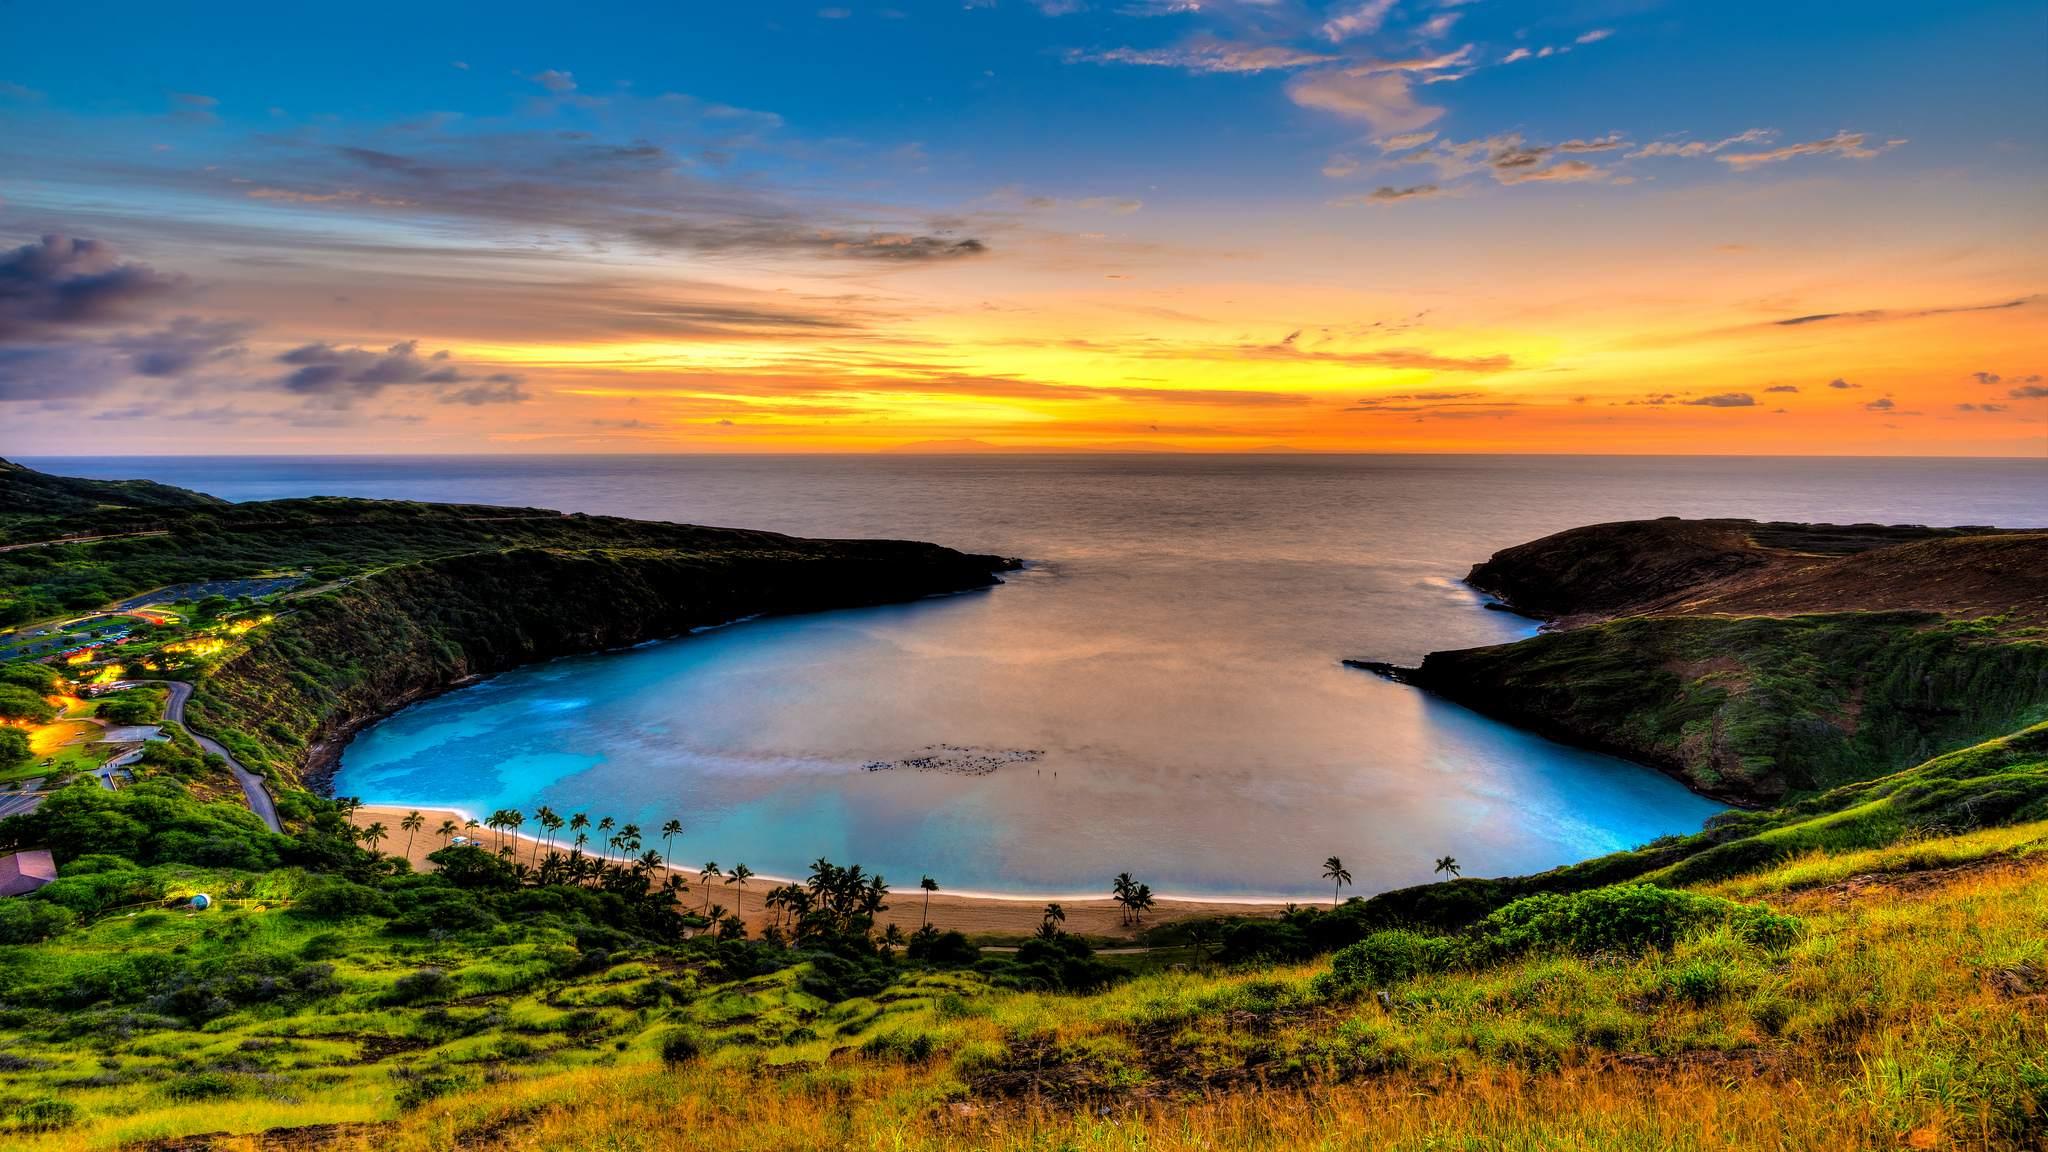 oahu wallpapers Aloha Oahu